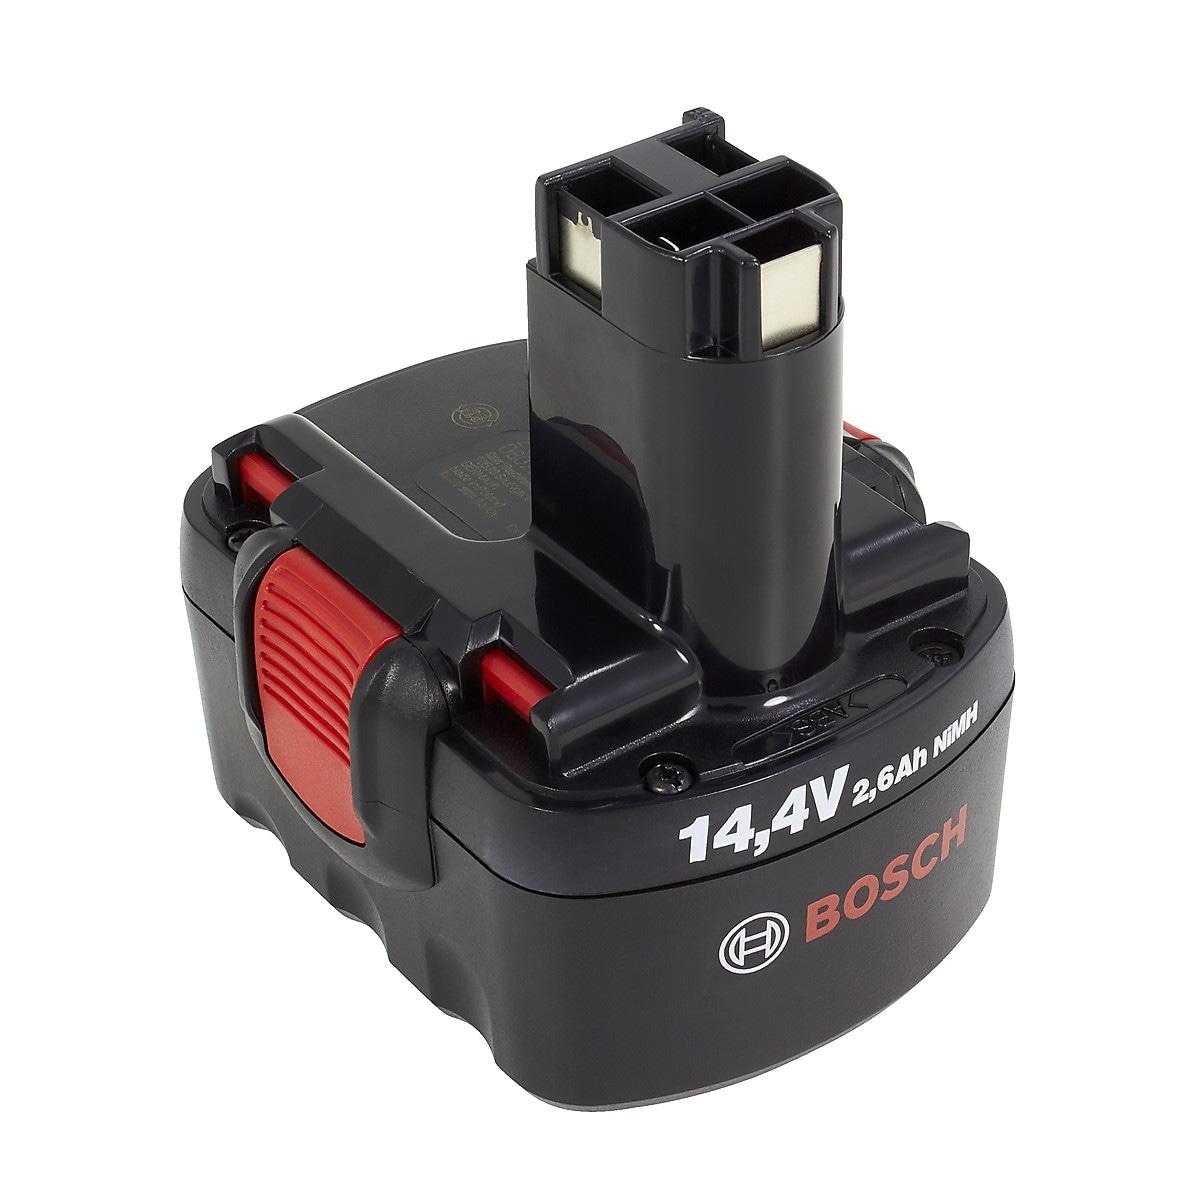 Akku Bosch 14,4 V/2,6 Ah NiMH